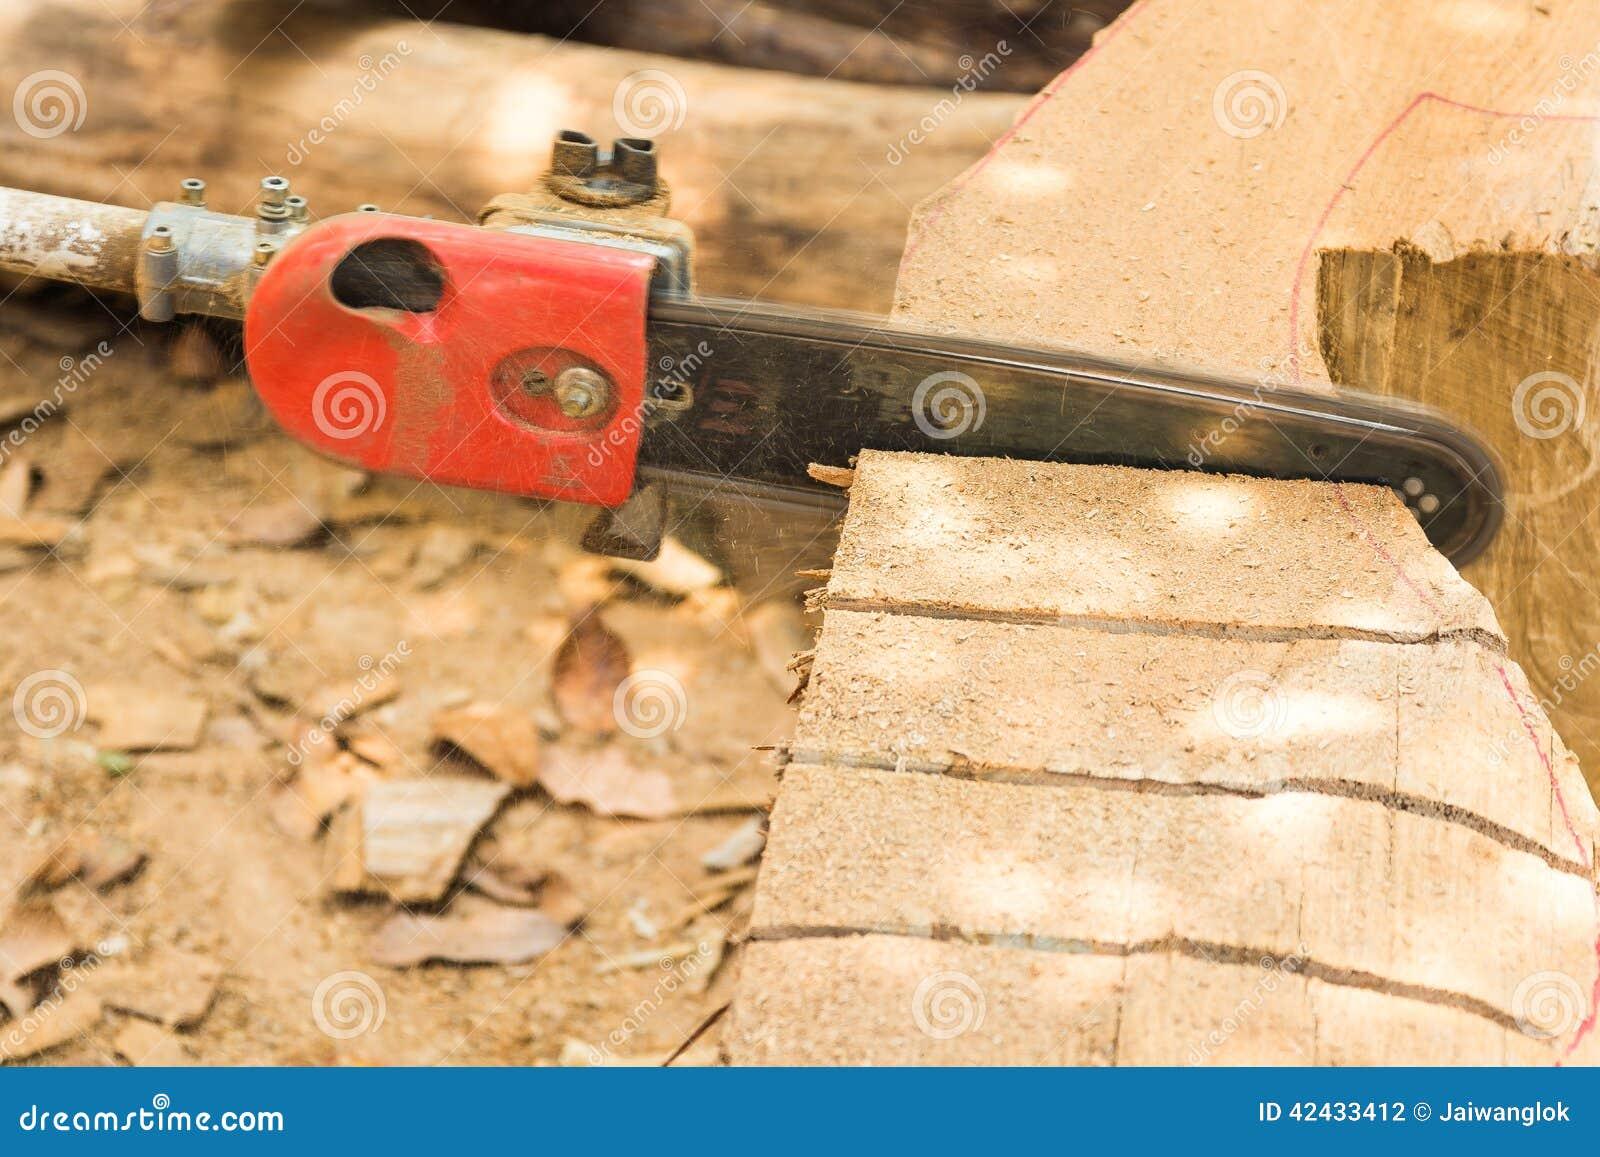 La madera del corte de la cuchilla de la motosierra